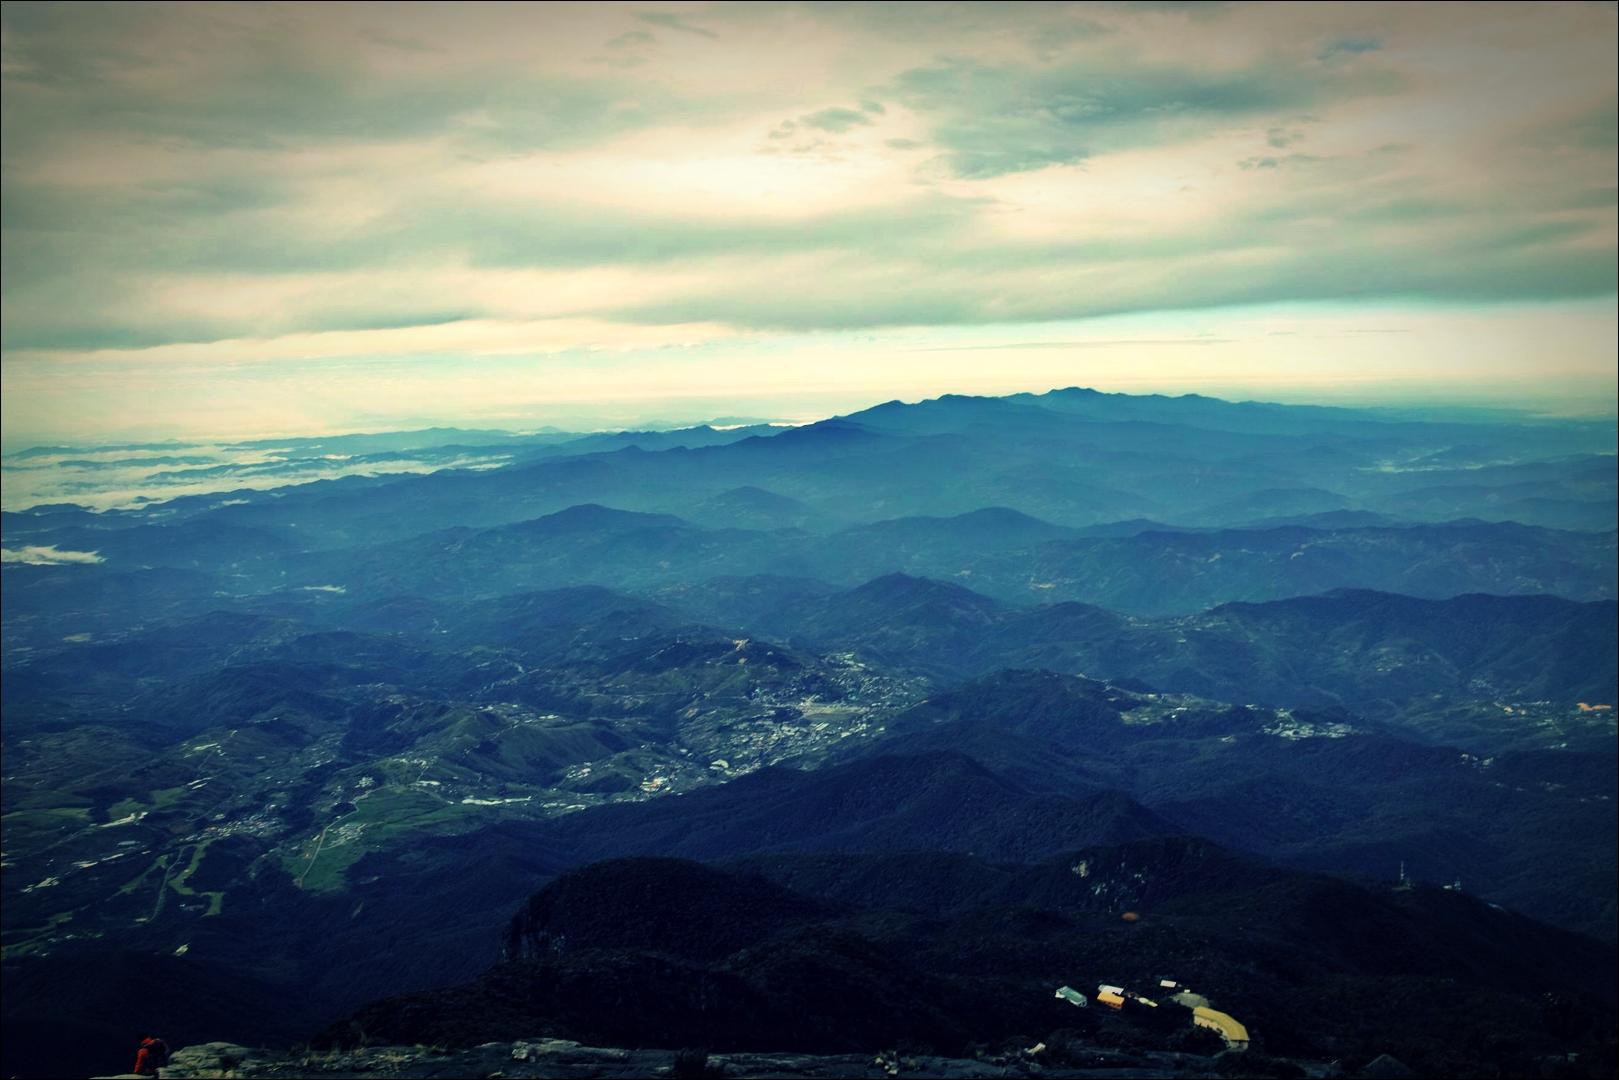 비 온 뒤-'키나발루 산 등정 Climbing mount Kinabalu Low's peak the summit'